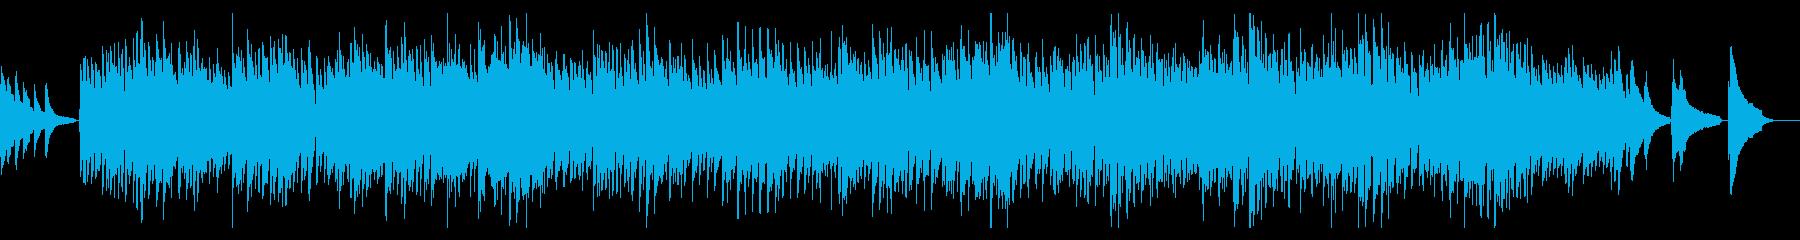 エンディング風、切なく感動的なピアノ曲の再生済みの波形